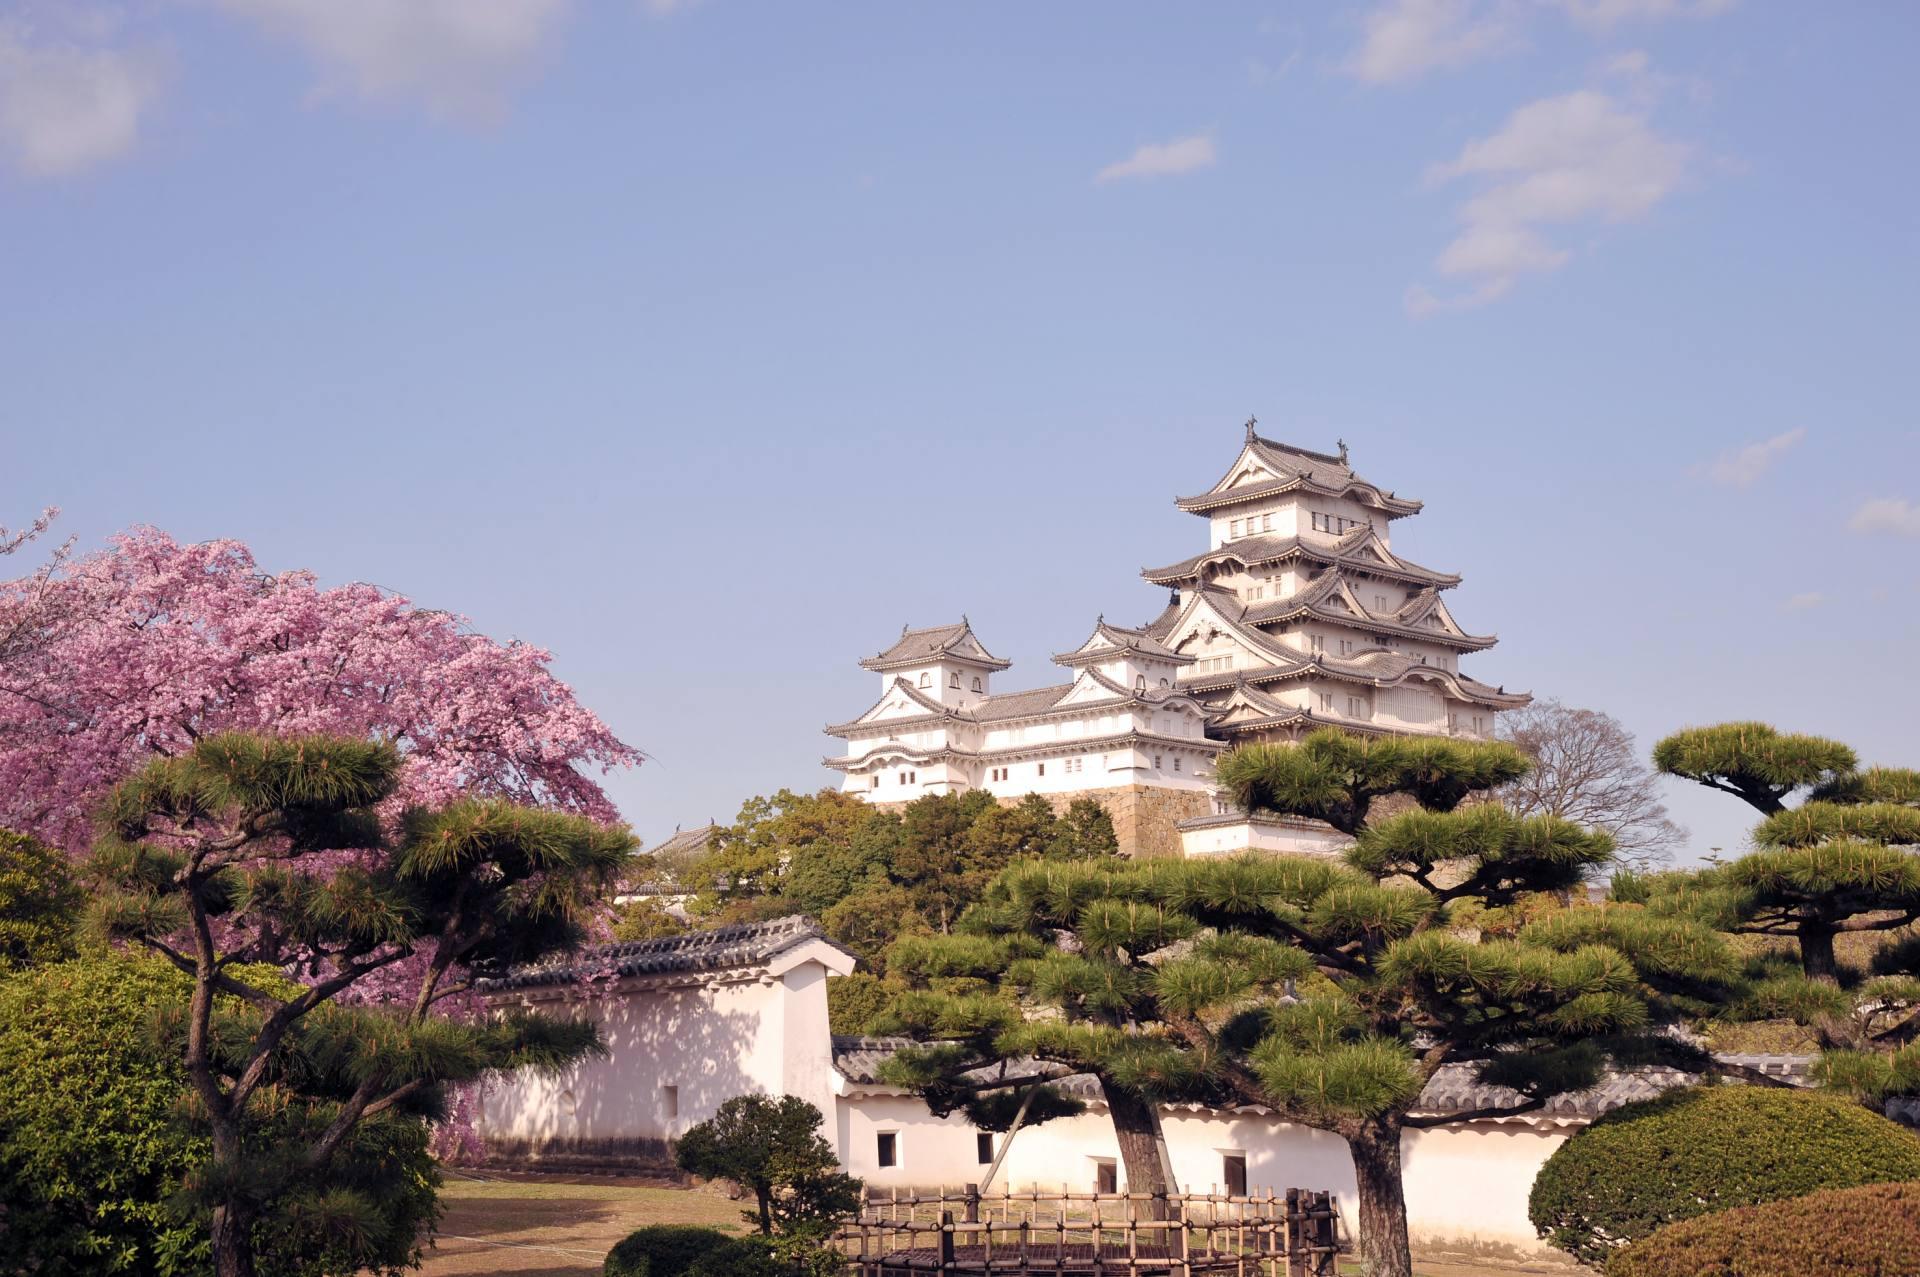 姫路城(兵庫縣)、國寶&世界文化遺產